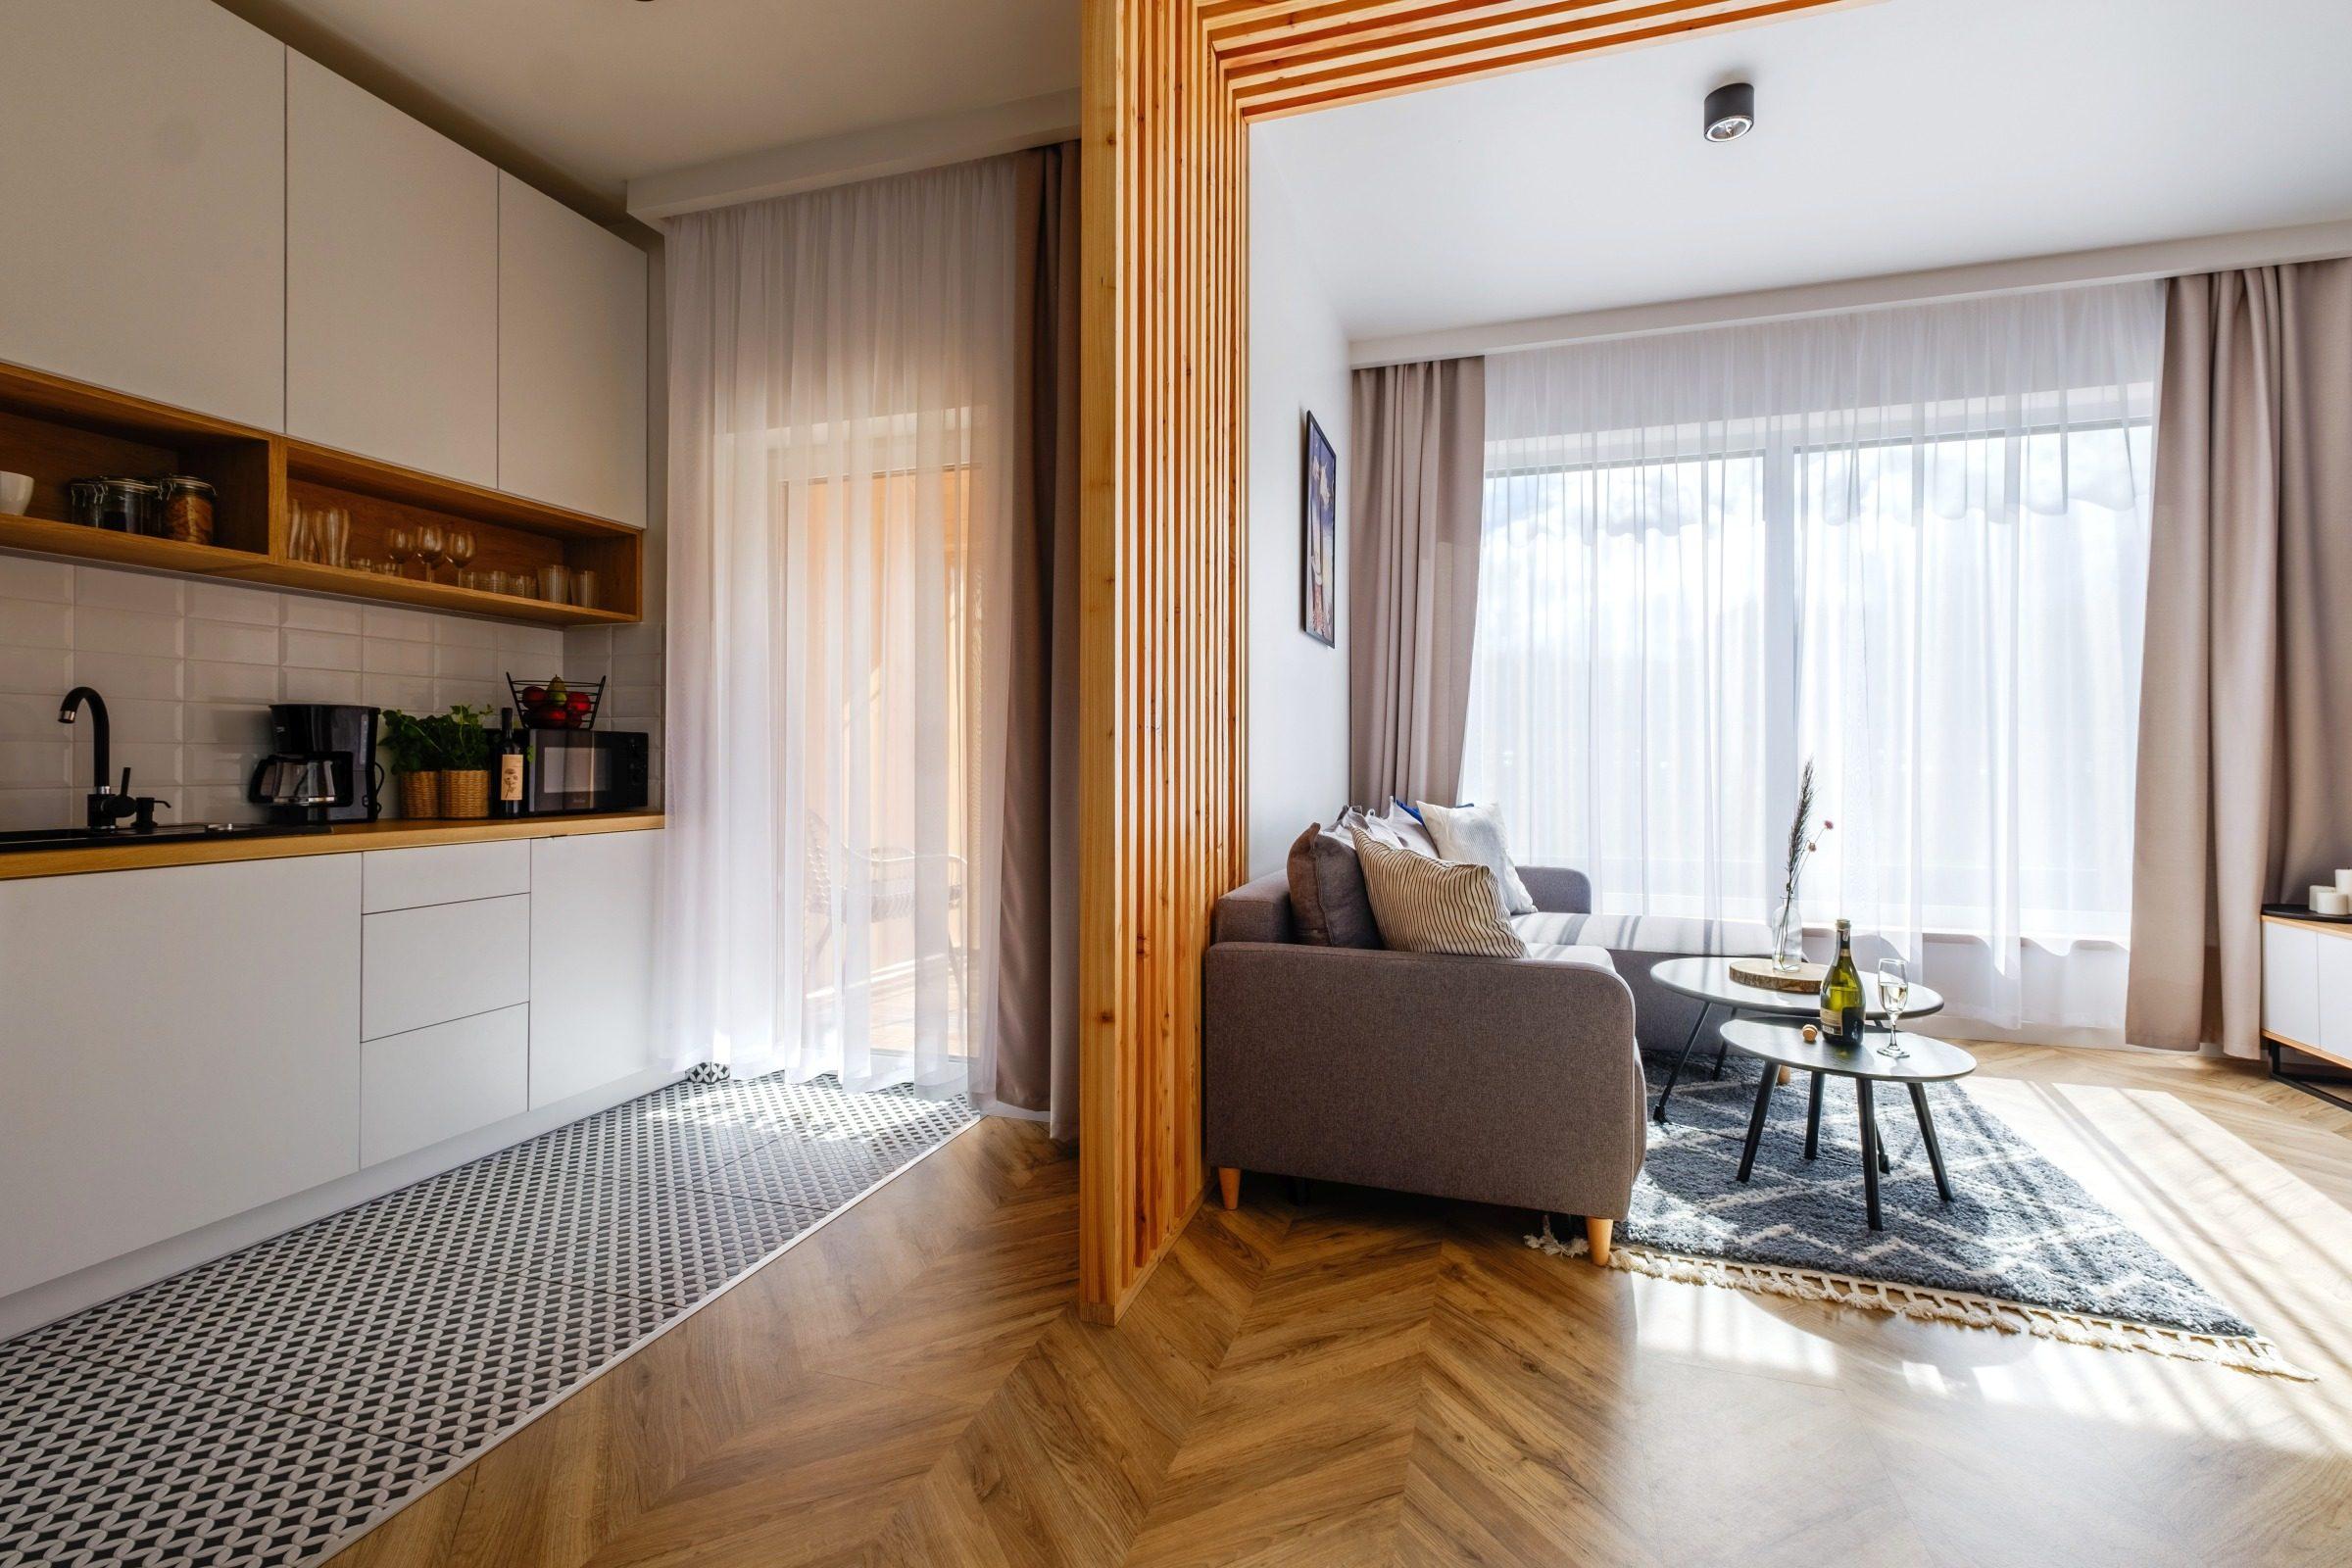 Apartamenty NOVA BIAŁKA Białka Tatrzańska apartament 6 kuchnia i salon